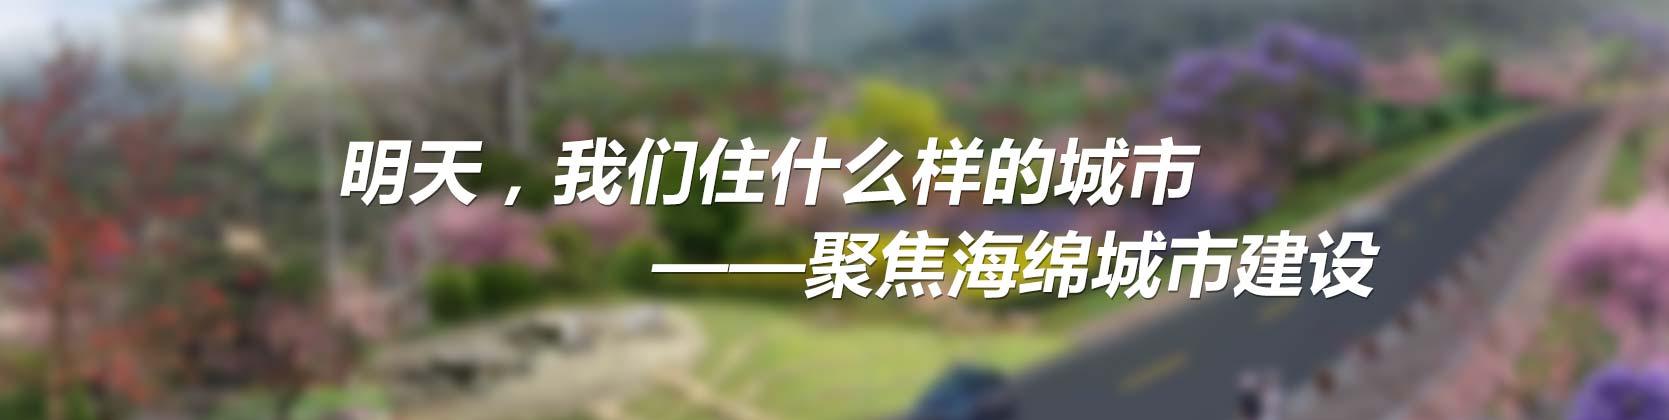 中国城市规划设计研究院高级工程师谢映霞认为,海绵城市建设的目的是